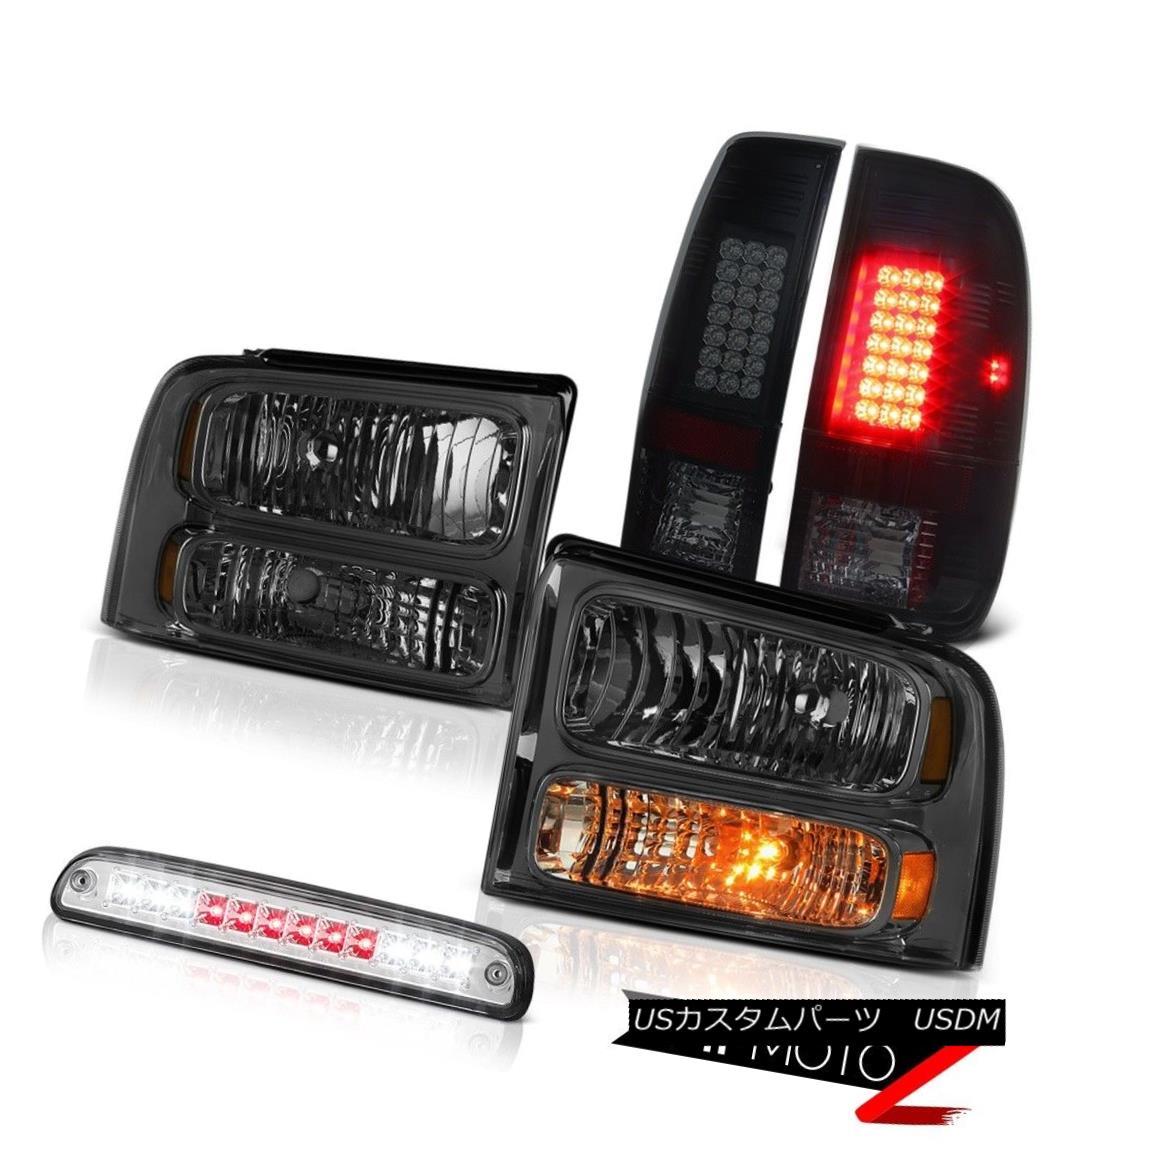 ヘッドライト 05 06 07 F350 6.0L Smoke Tinted Headlamps LED Tail Lights Chrome Third Brake 05 06 07 F350 6.0L煙がかかったヘッドランプLEDテールランプクロム第3ブレーキ